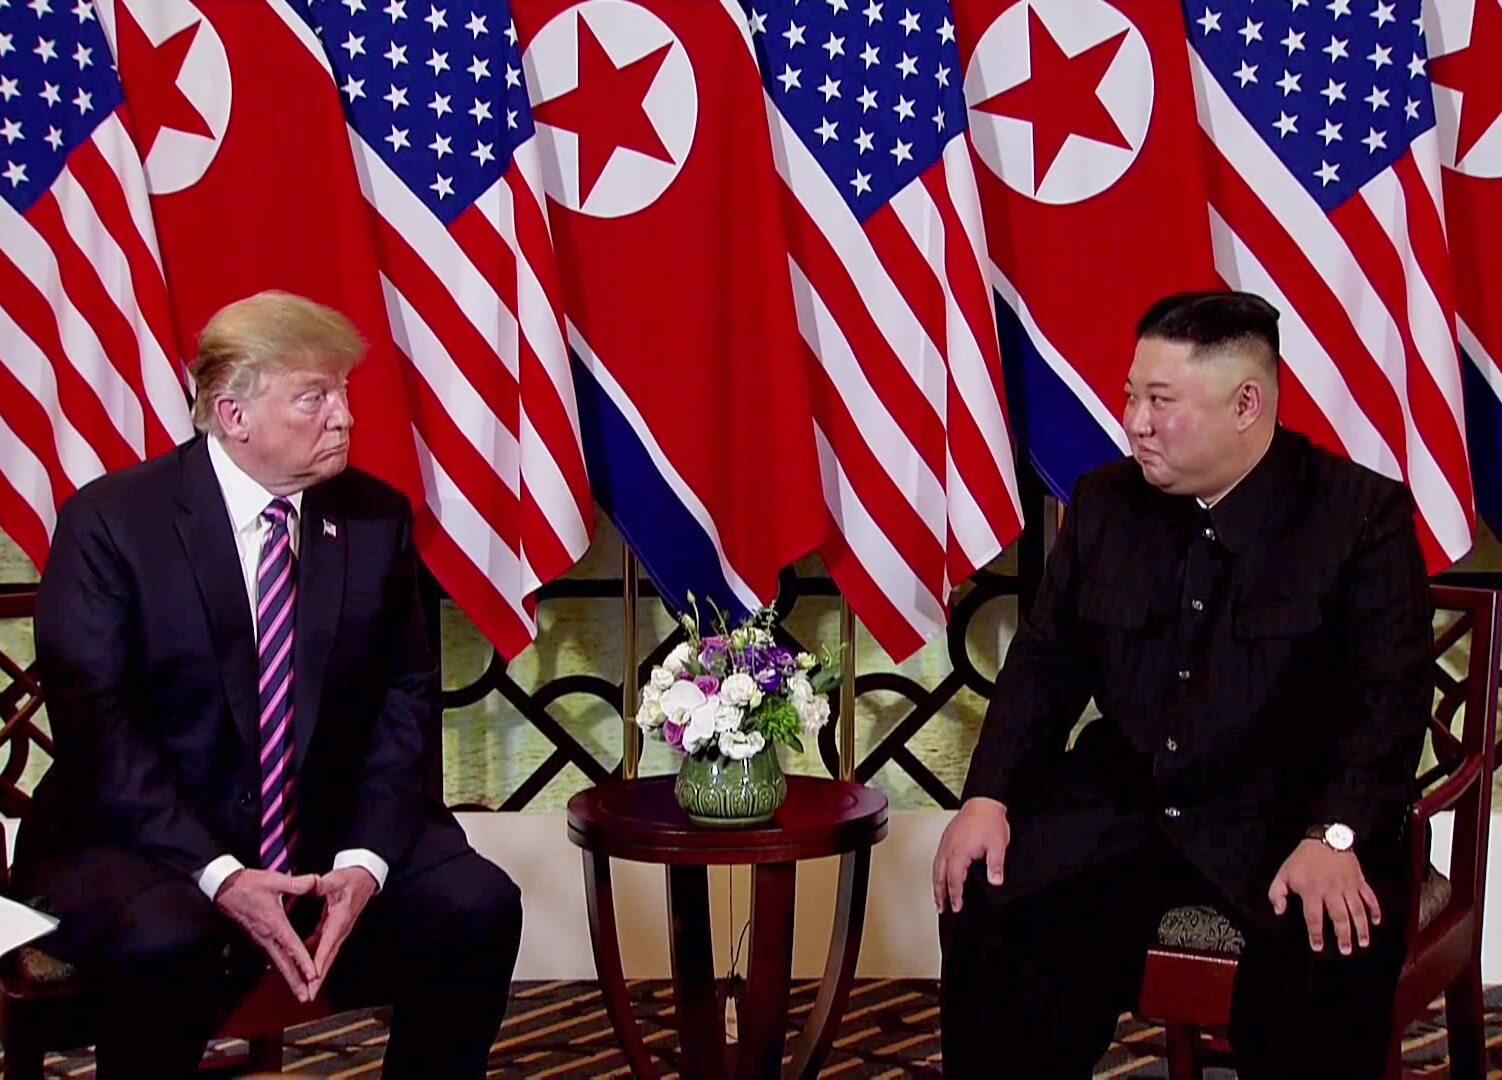 Prezydent USA Donald Trump i przywódca Korei Północnej Kim Dzong Un